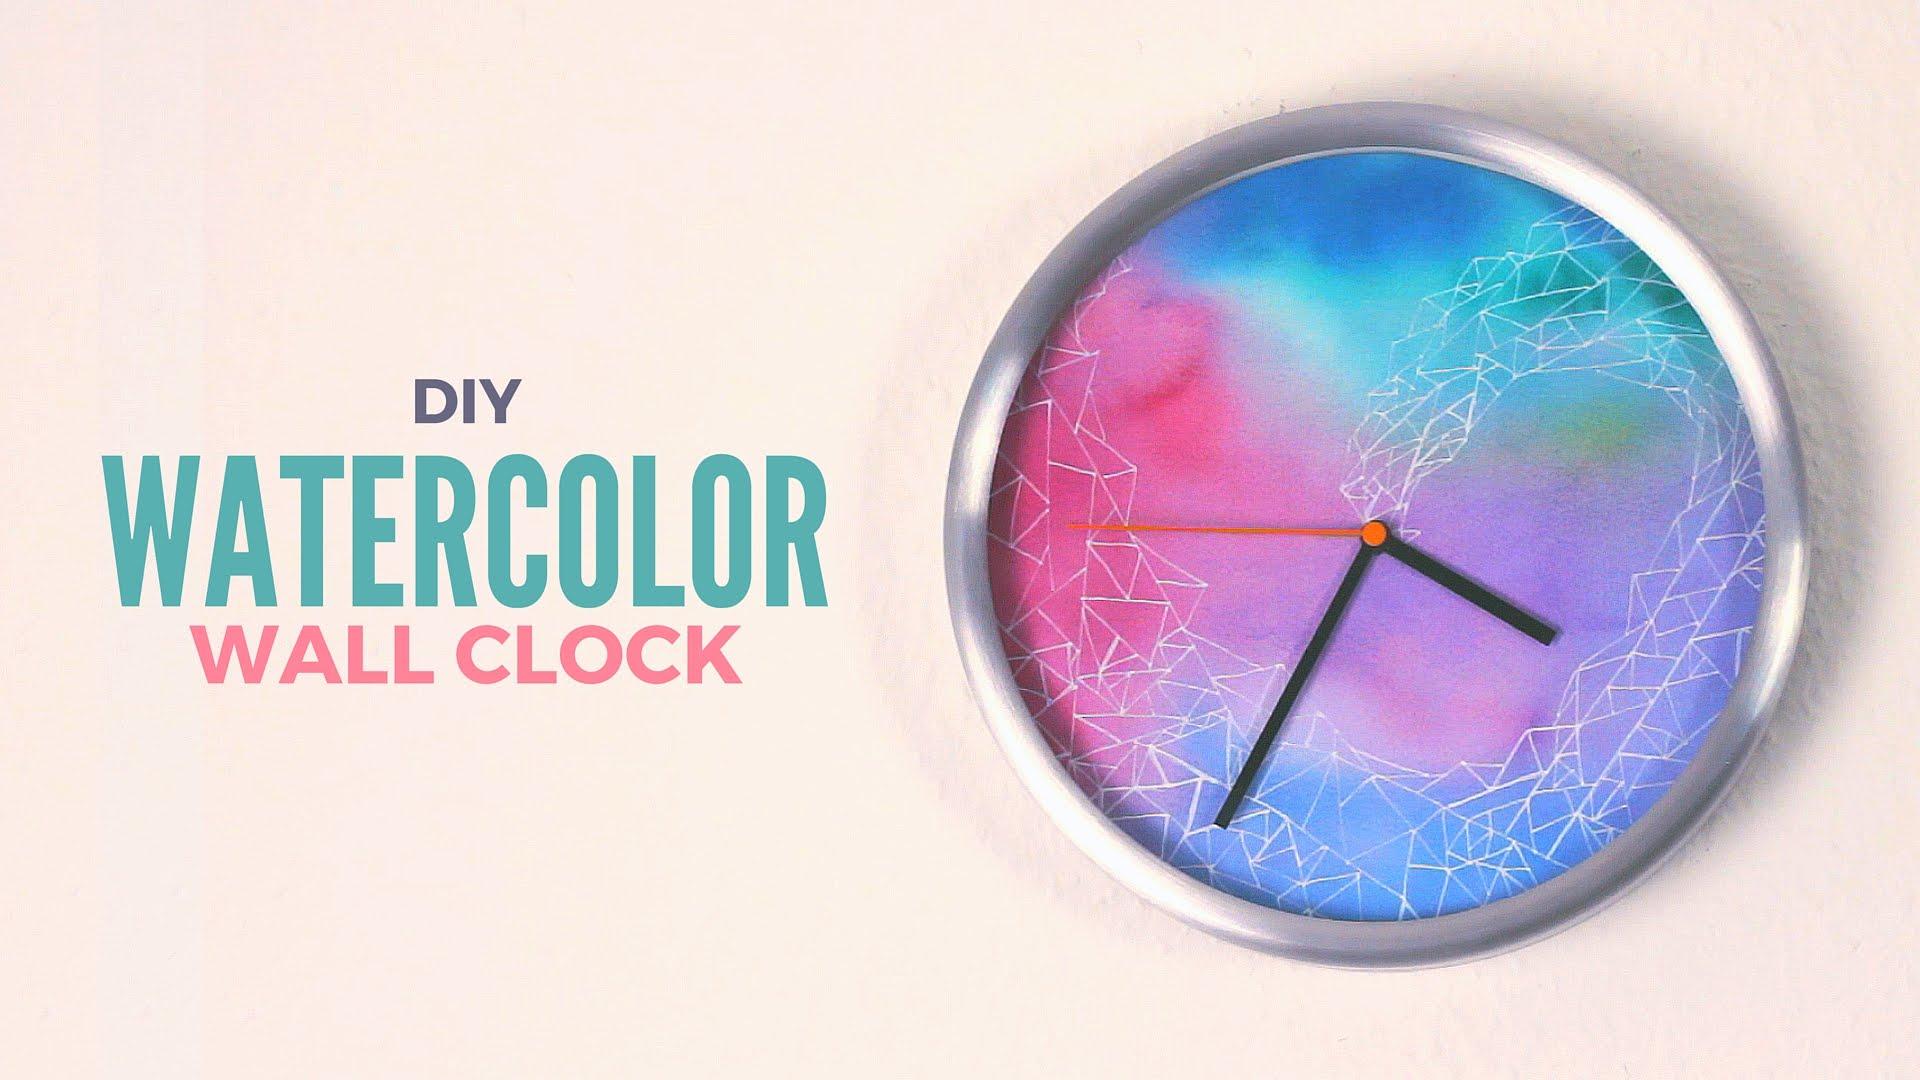 1920x1080 Diy Watercolor Wall Clock